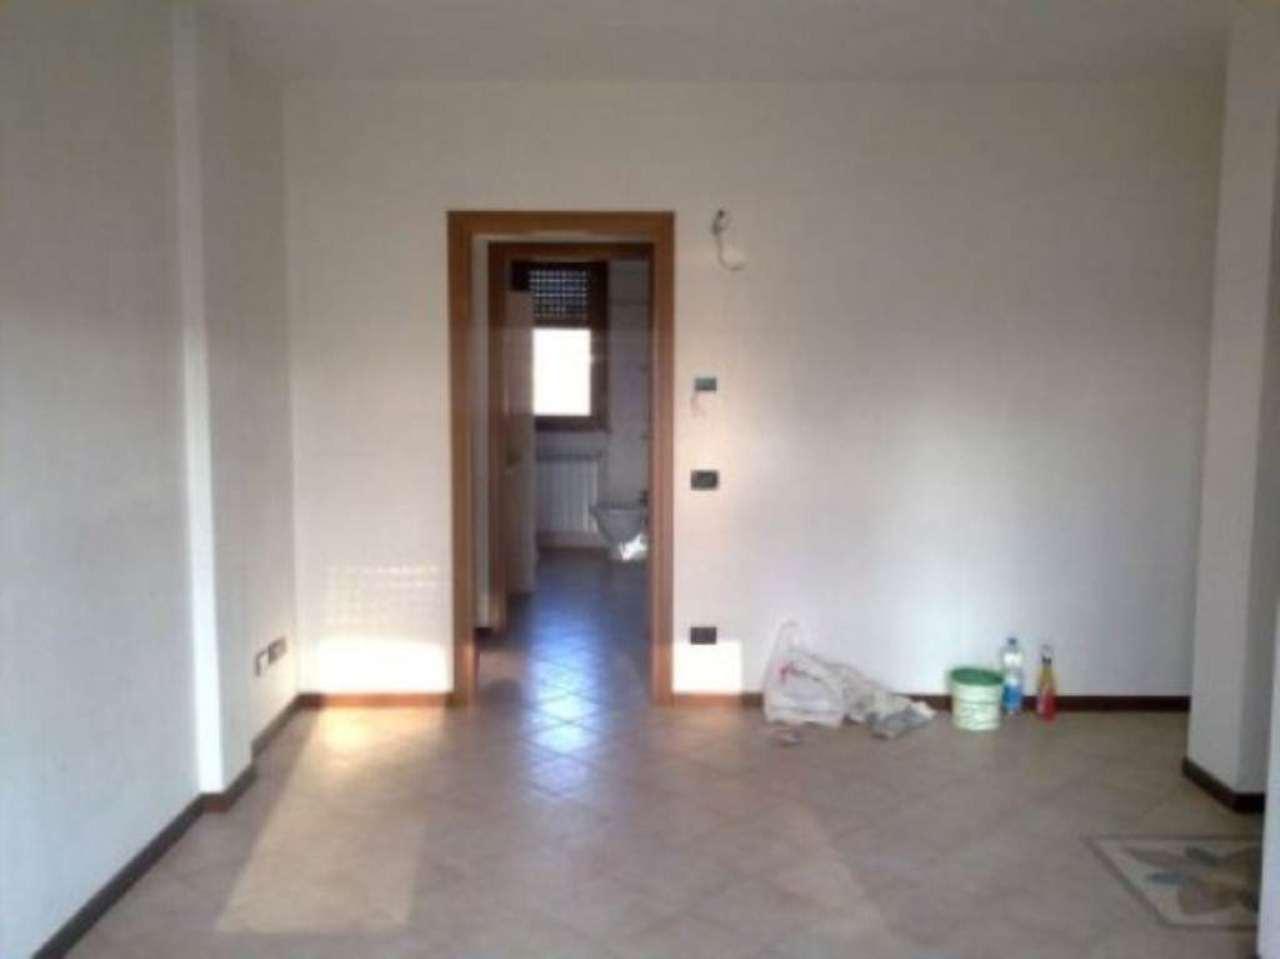 Appartamento in vendita a Garlasco, 2 locali, prezzo € 90.000 | Cambio Casa.it